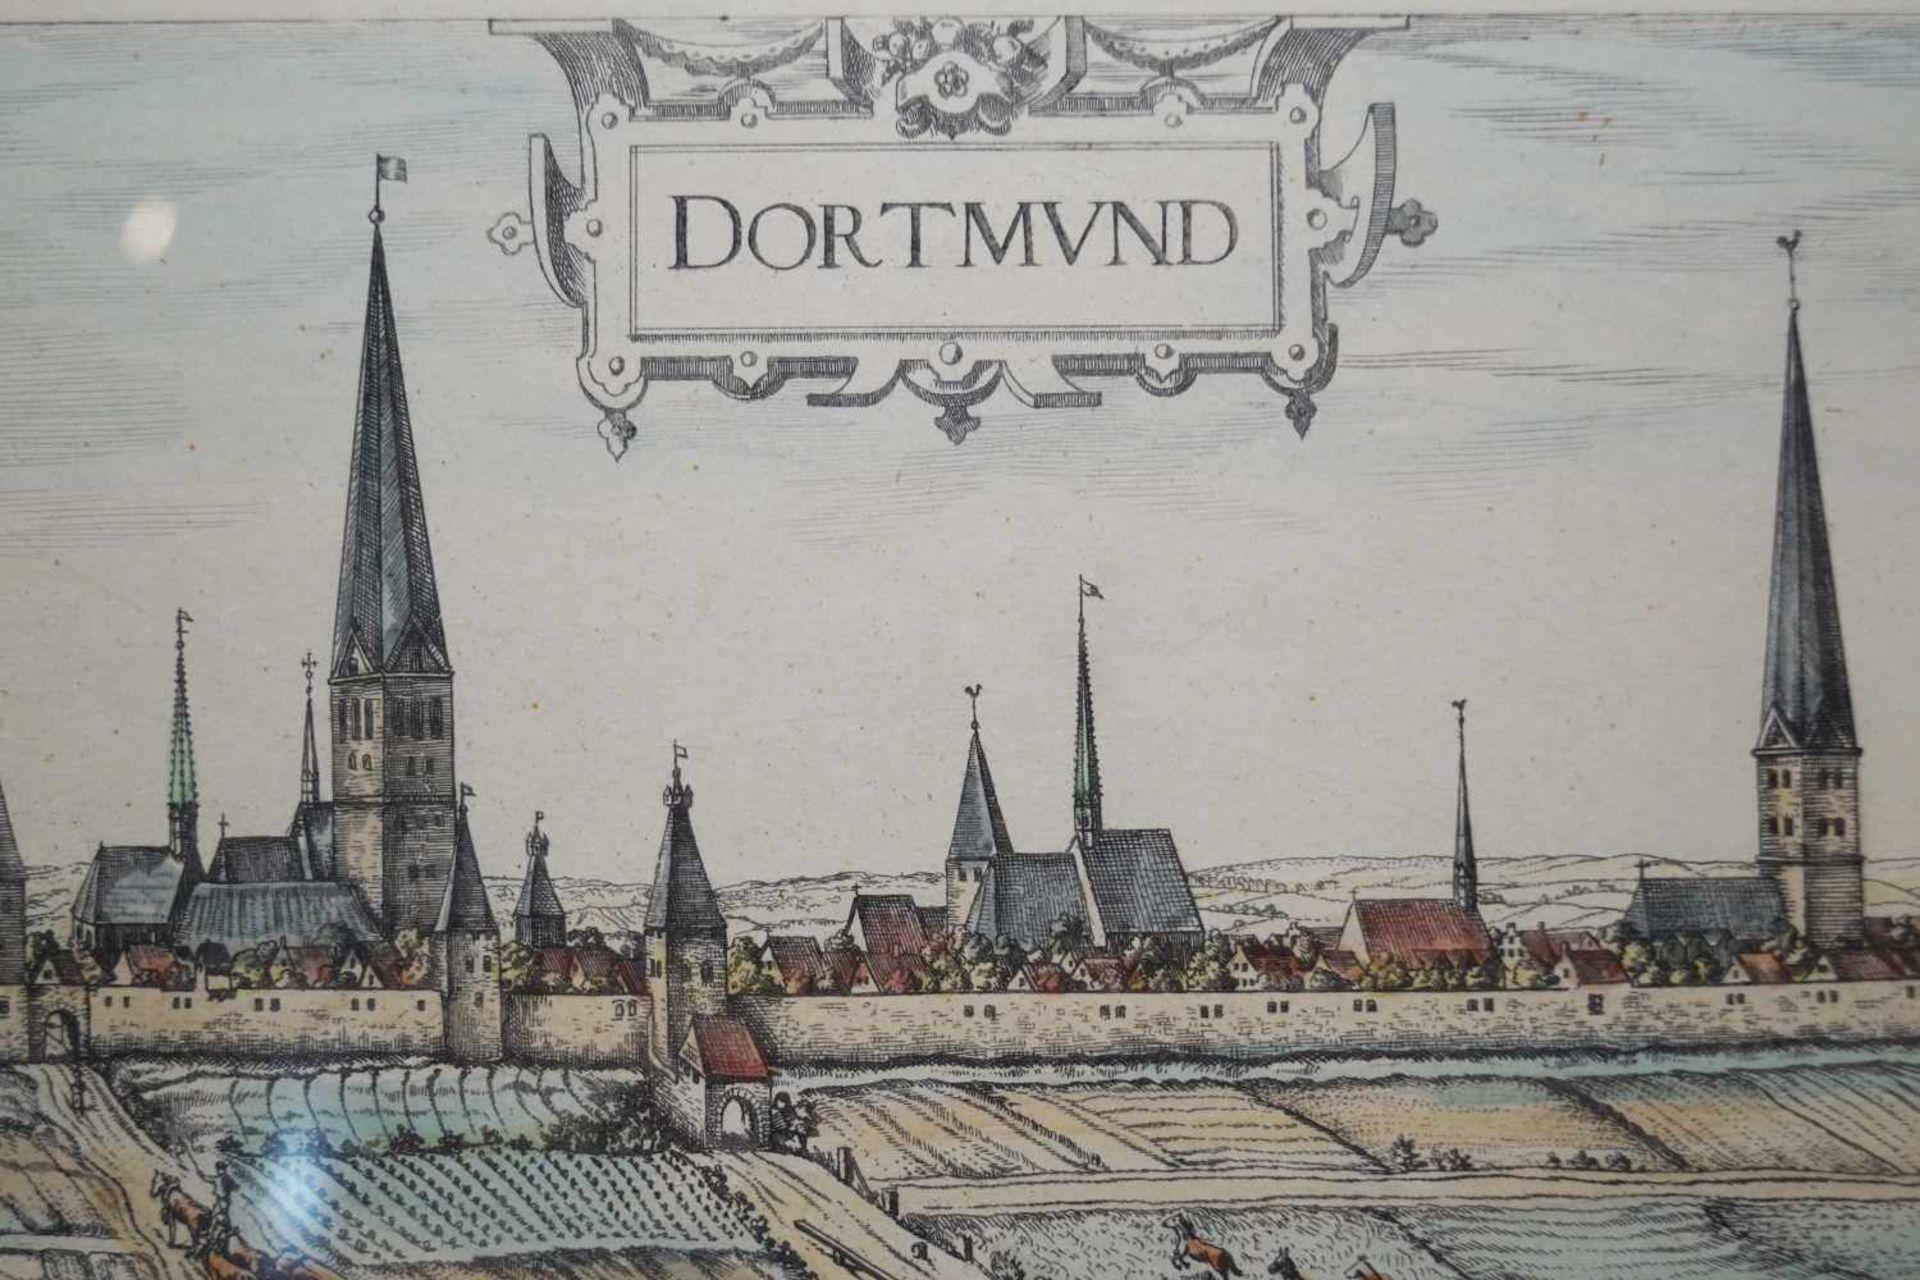 Ansicht von Dortmund im Mittelalter Farbstich, unter Glas gerahmt, Höhe 34,5 cm x Breite 71 cm, in - Bild 5 aus 5